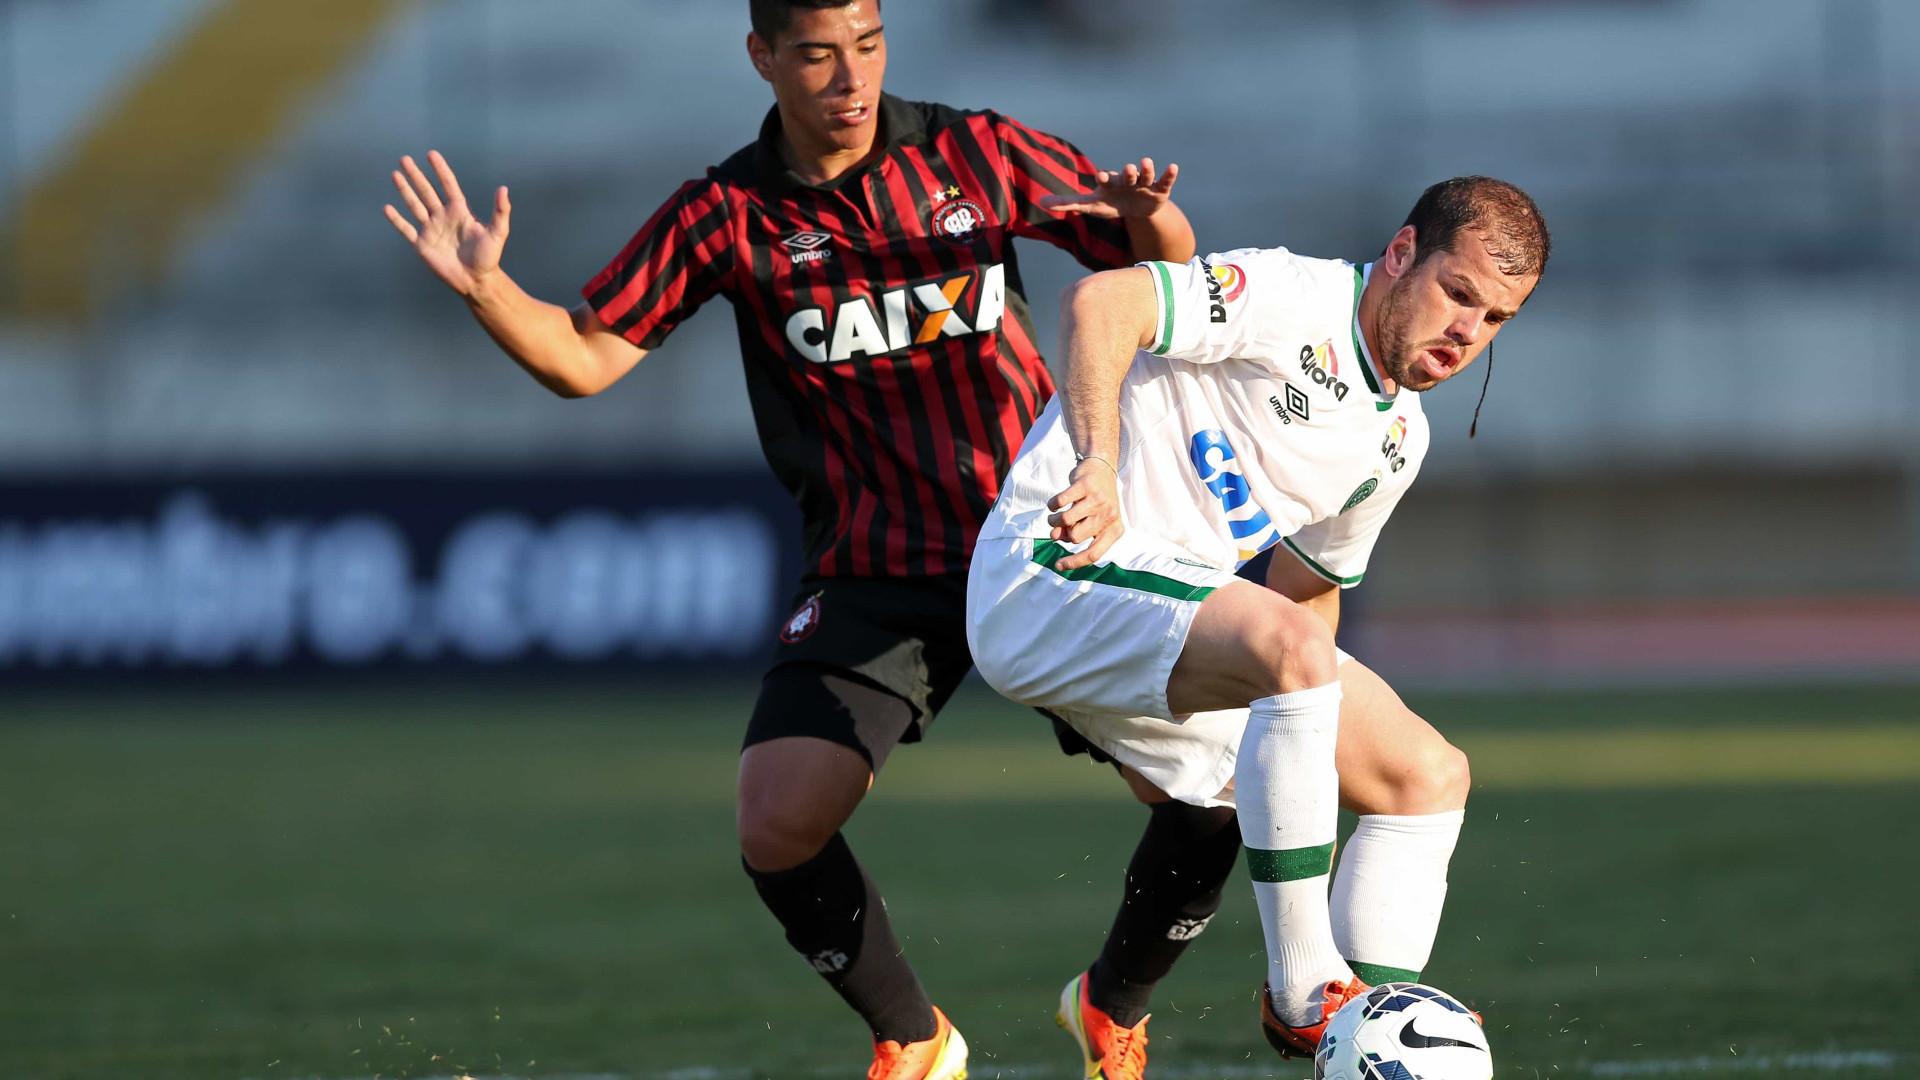 Apontado ao Sporting, Olaza está agora na mira do Benfica